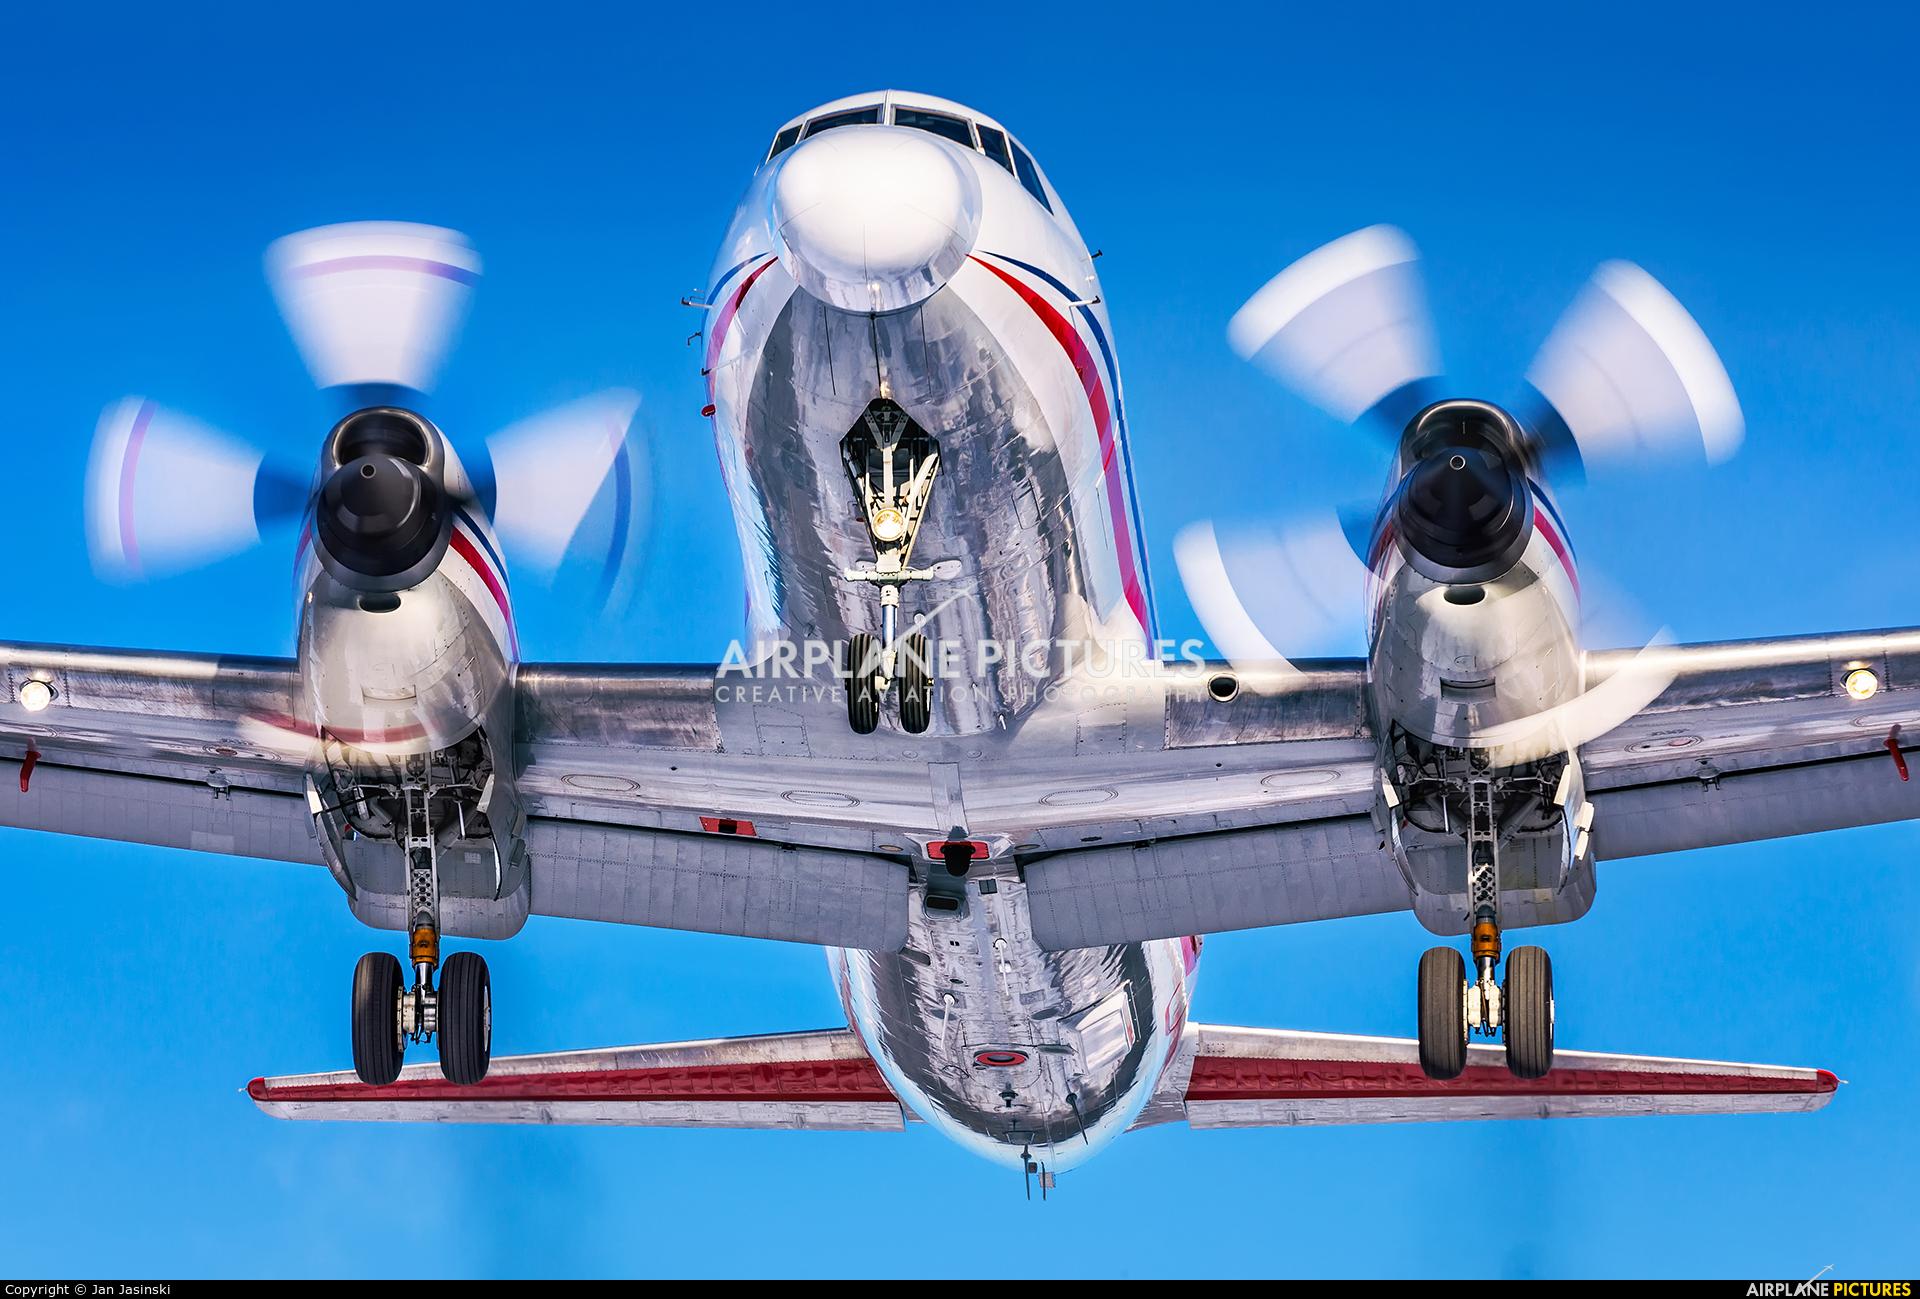 c-fnrc - nrc - cnrc convair cv-440 metropolitan at ottawa